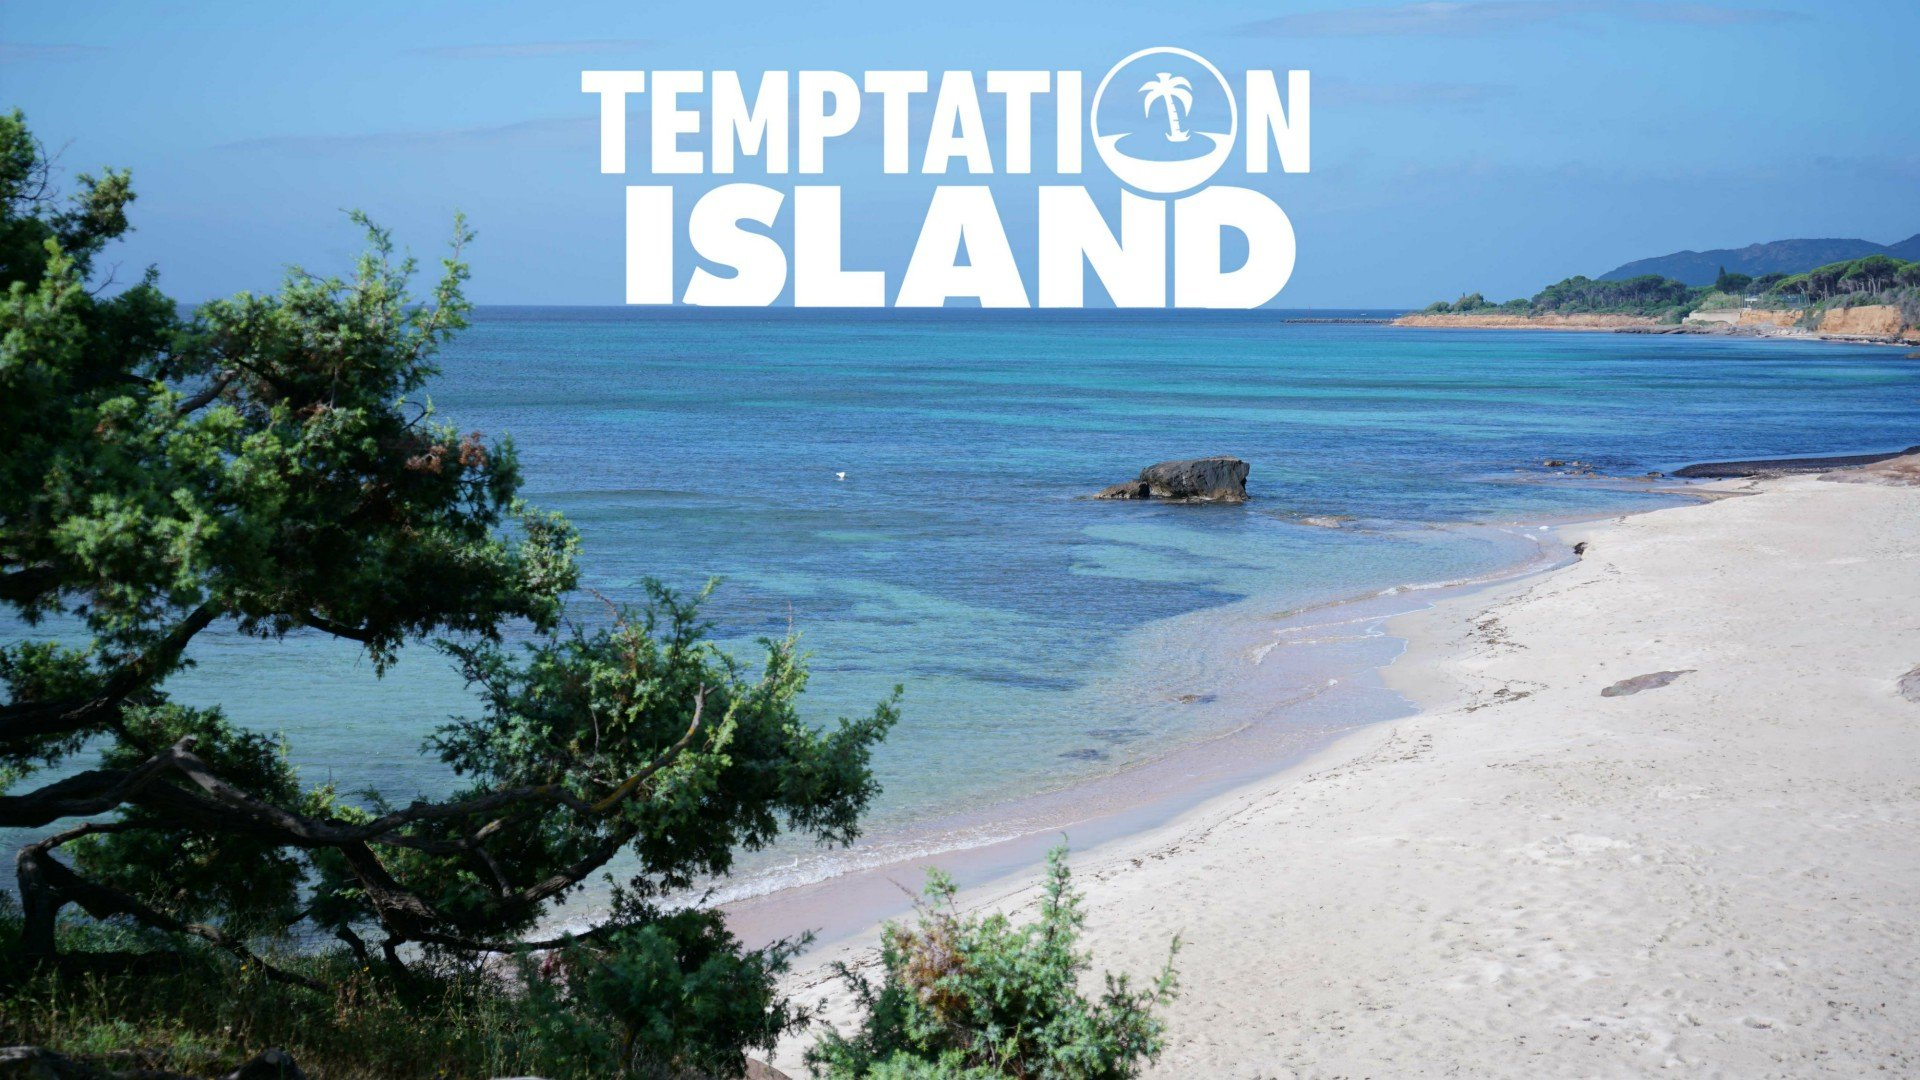 """bomba-su-temptation-island,-la-decisione-di-mediaset-""""il-reality-non-si-fara""""-non-vedremo-le-coppia-vip-in-gioco,-cos'e-successo"""